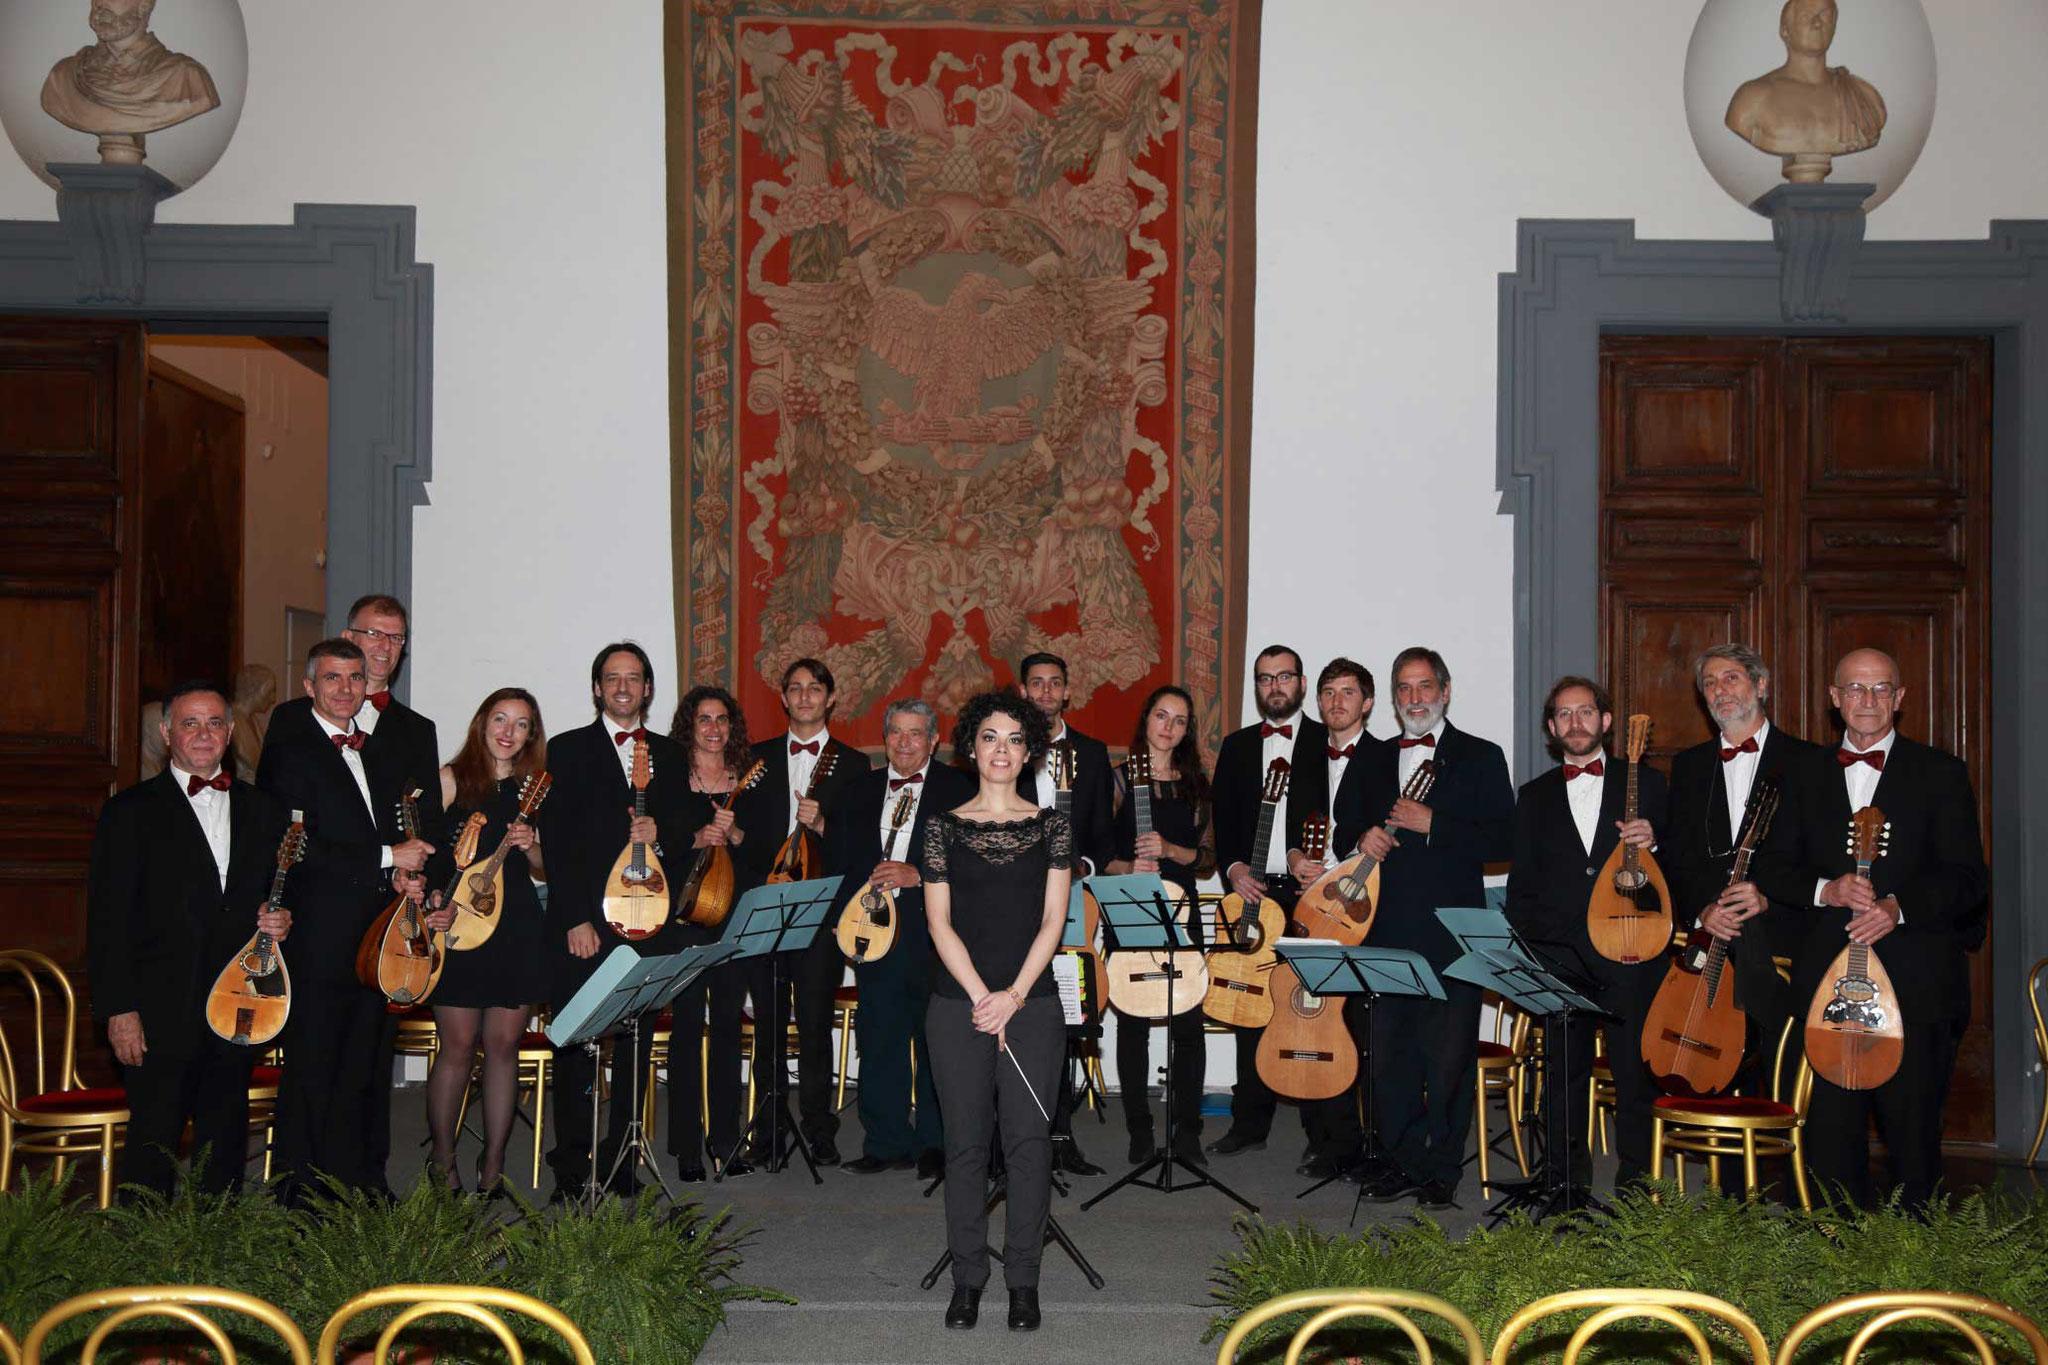 """Roma 21-5-2016 - """"La Notte dei Musei"""" Campidopglio, Sala Protomoteca (direttore Teresa Fantasia)"""